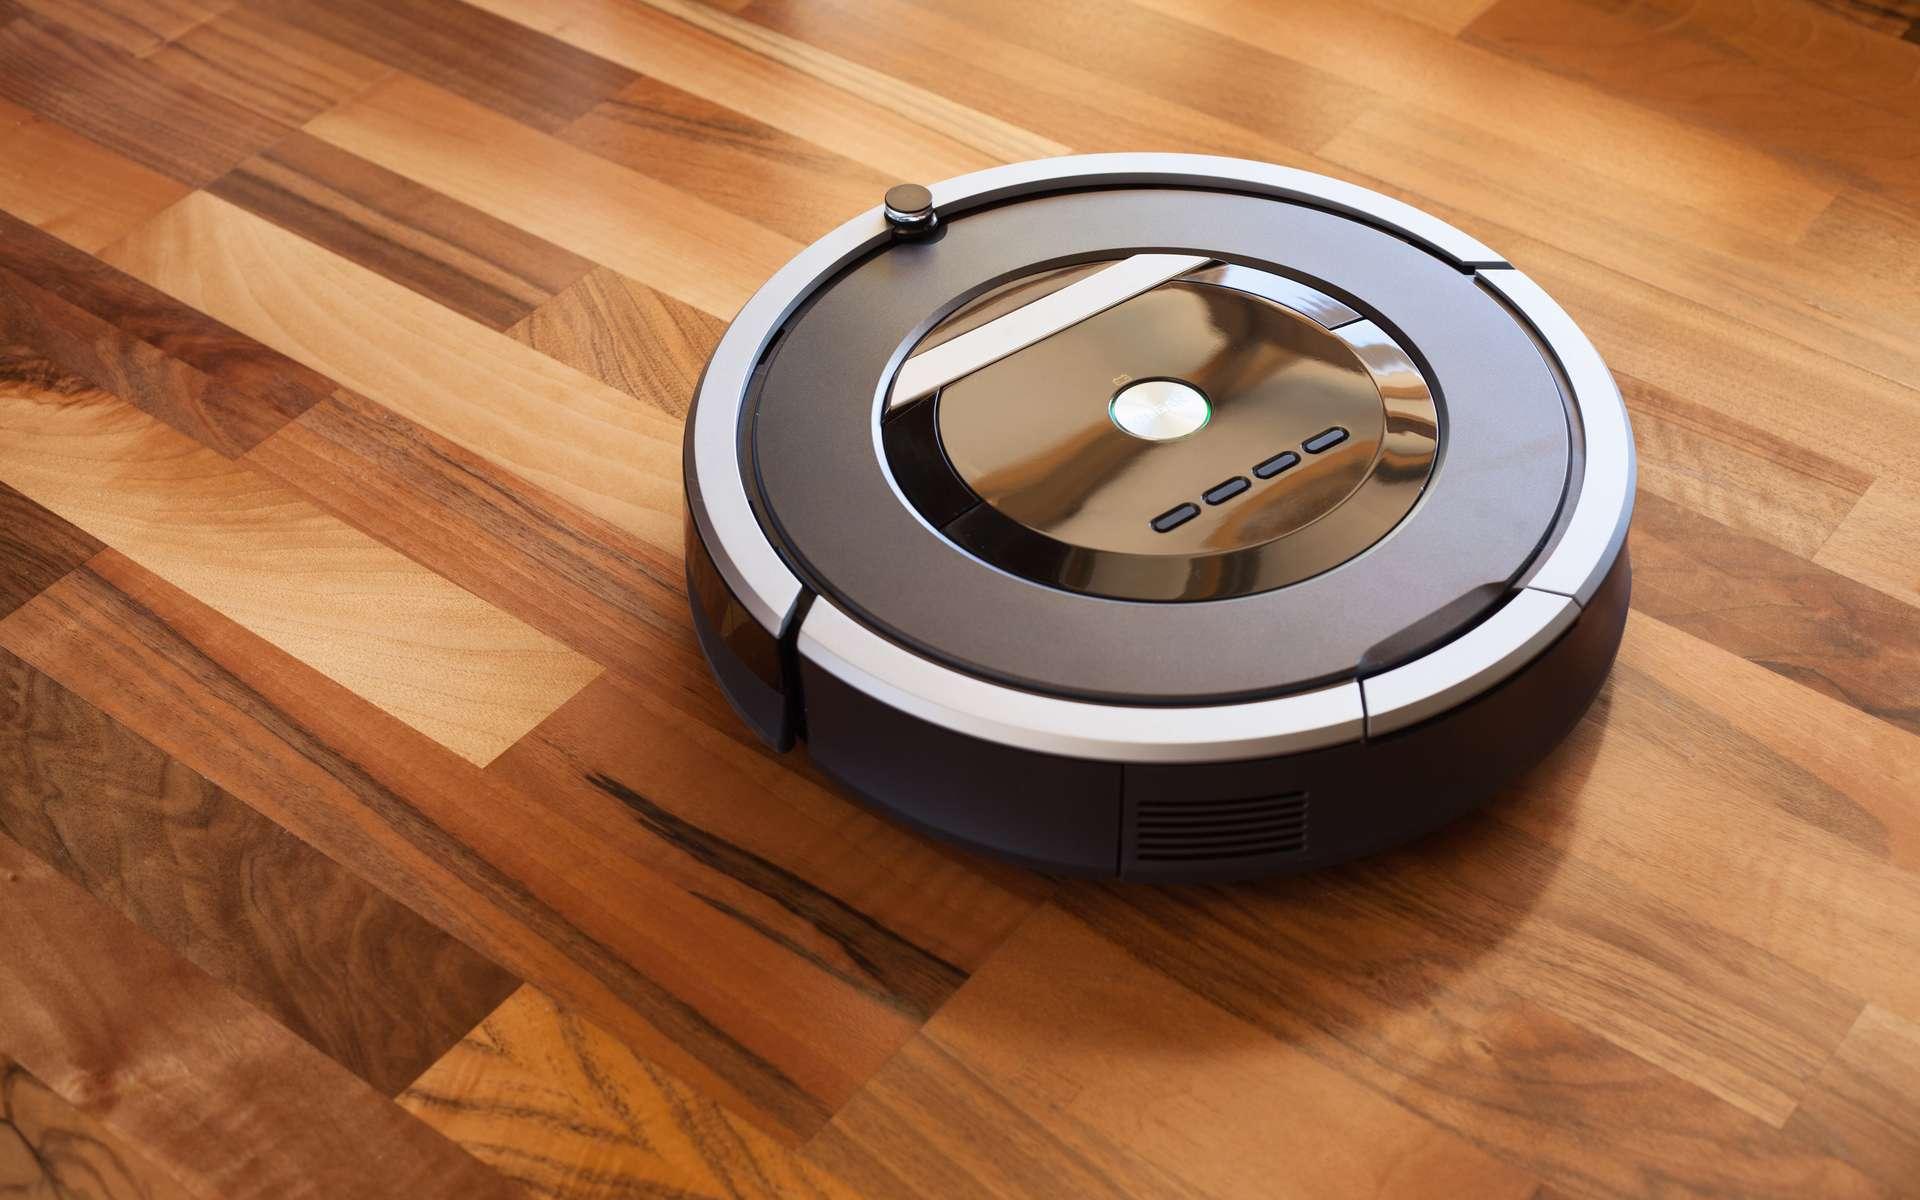 Le robot aspirateur démontre ses performances. © dusk, Adobe Stock